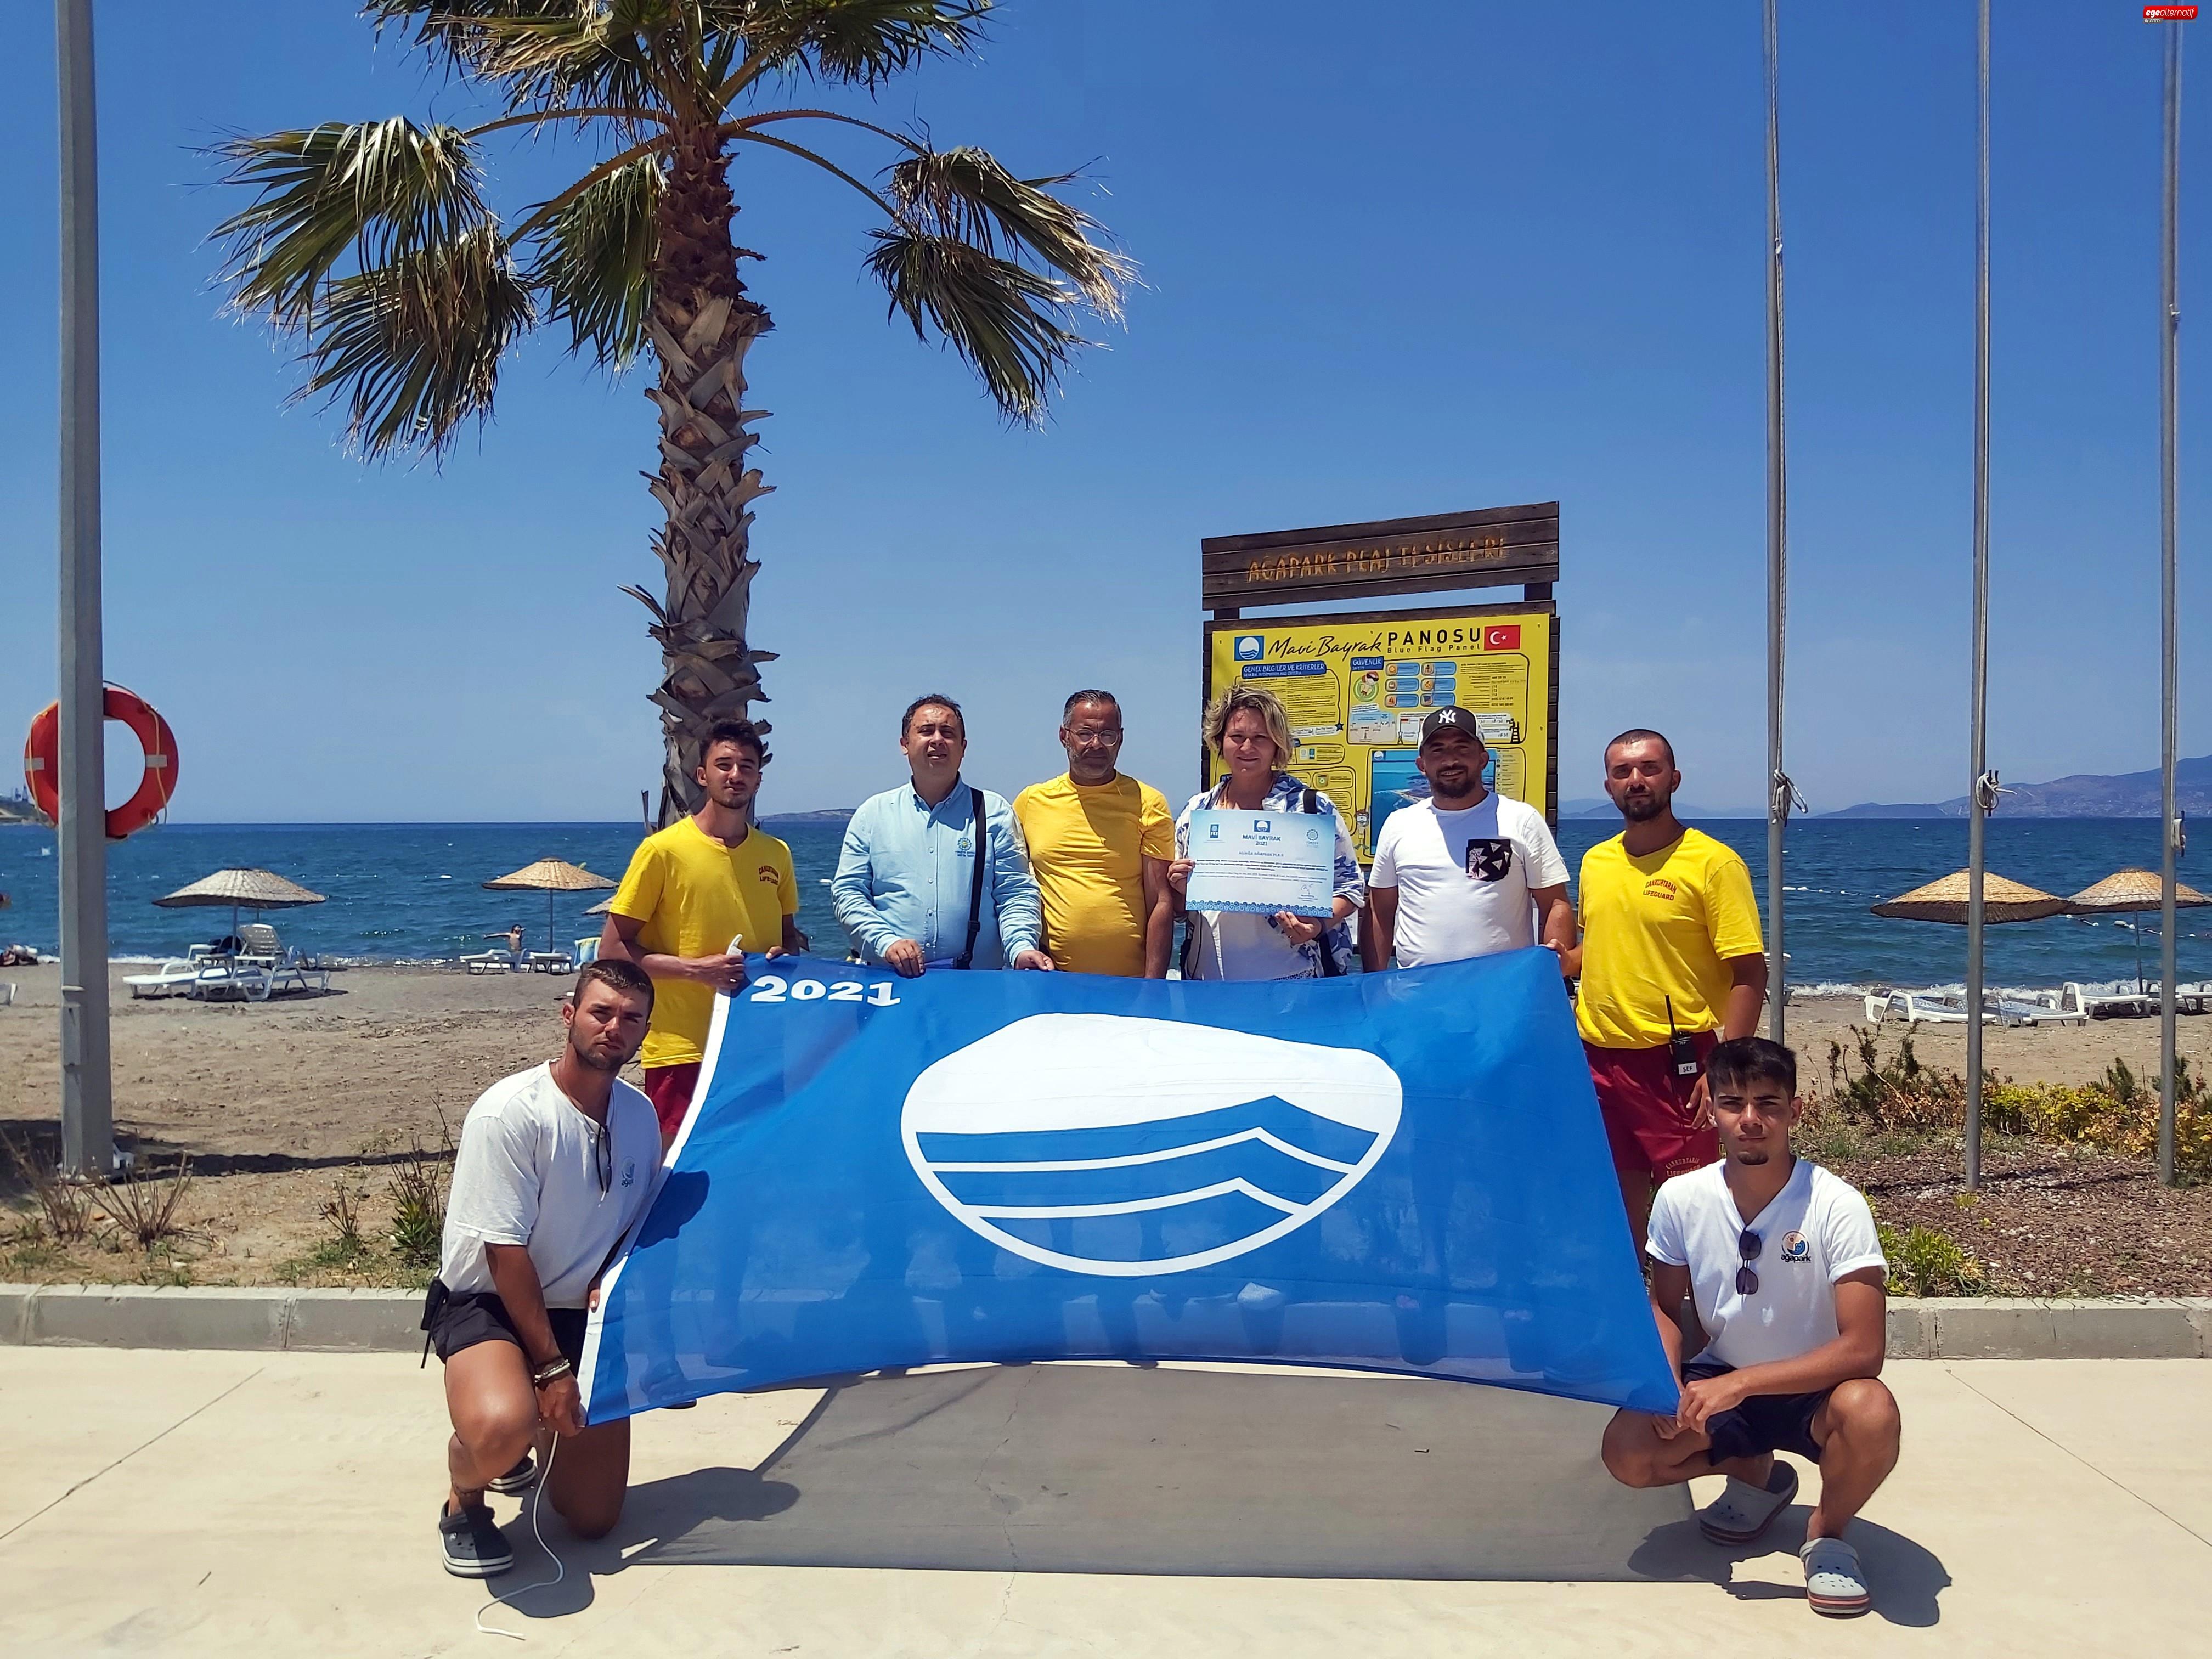 Aliağa Ağapark Plajı 5.Kez Mavi Bayrak İle Taçlandırıldı